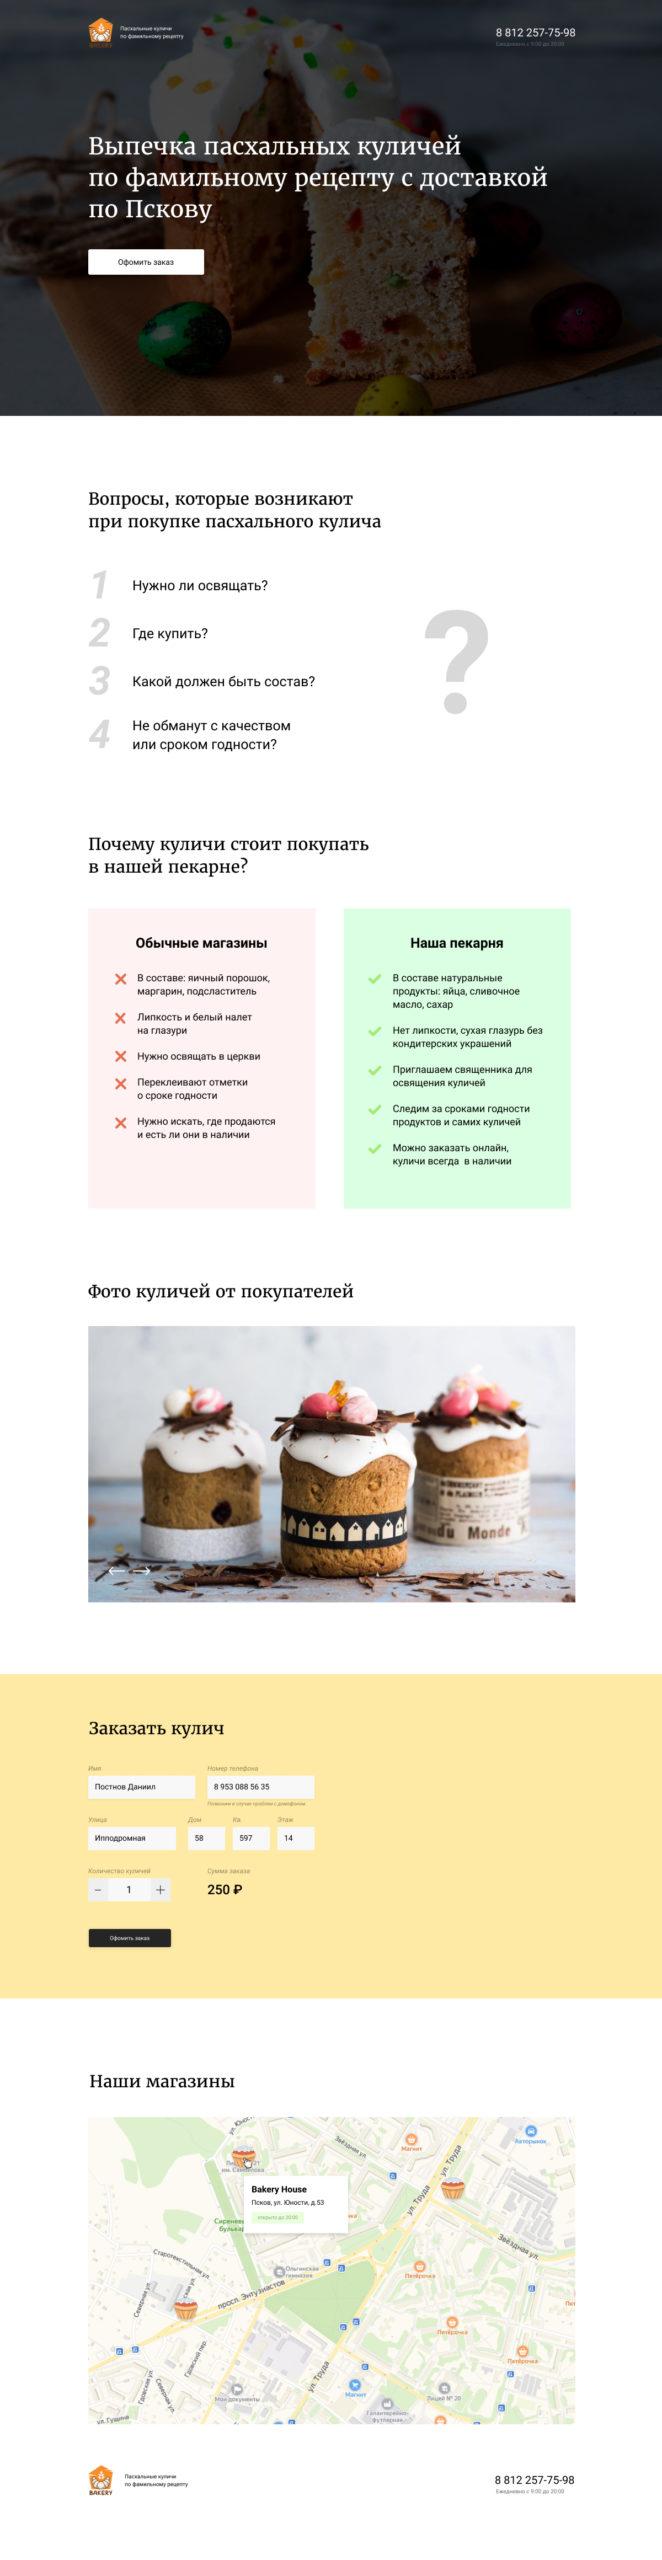 Тестовое задание для студии Лебедева. Промо-сайт для пасхального кулича. 1